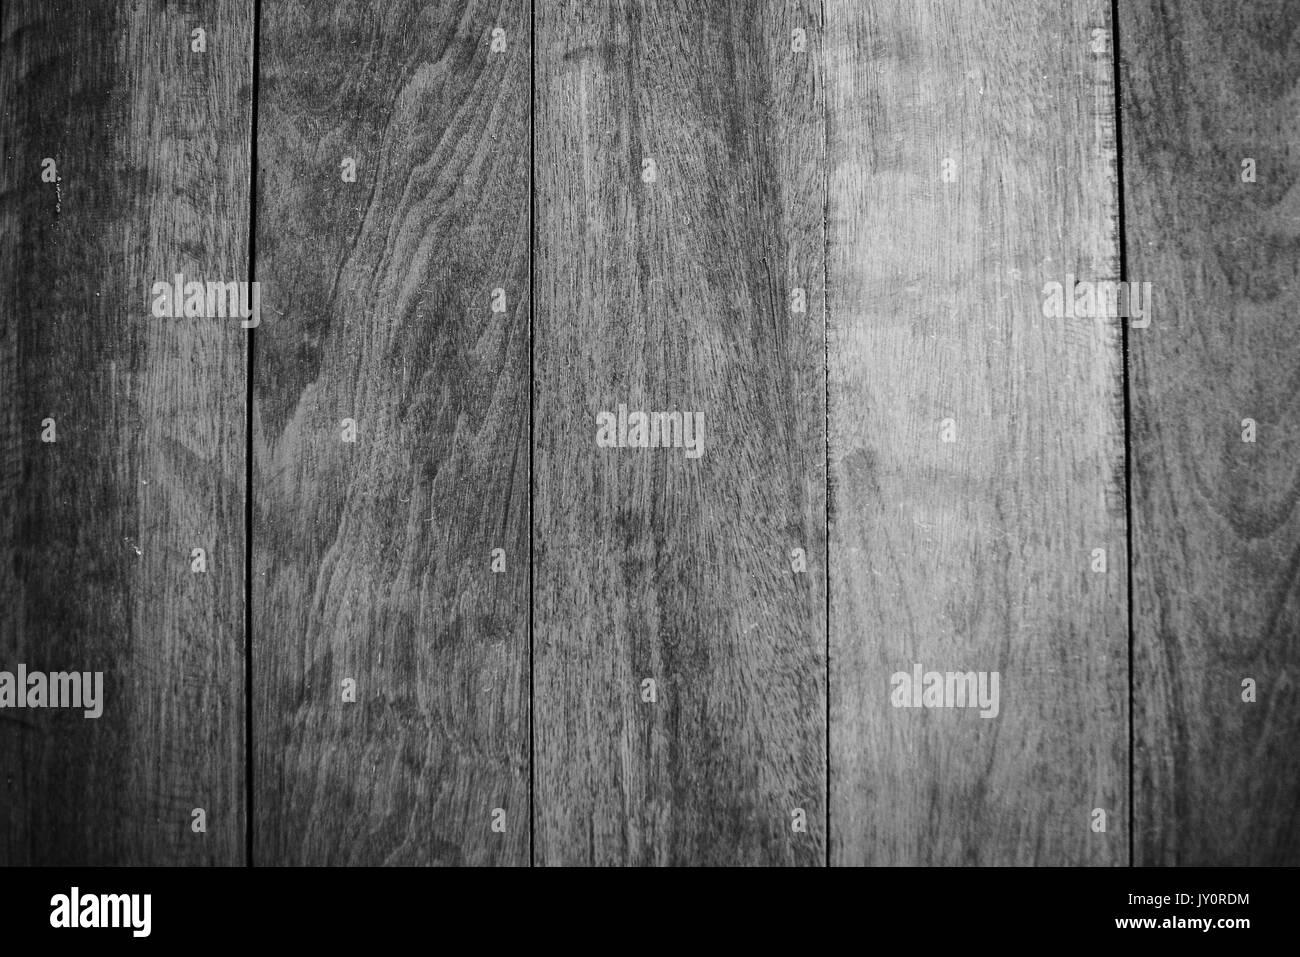 Legno Bianco Texture : Legno sfondo bianco texture di carta da parati fotografie stock